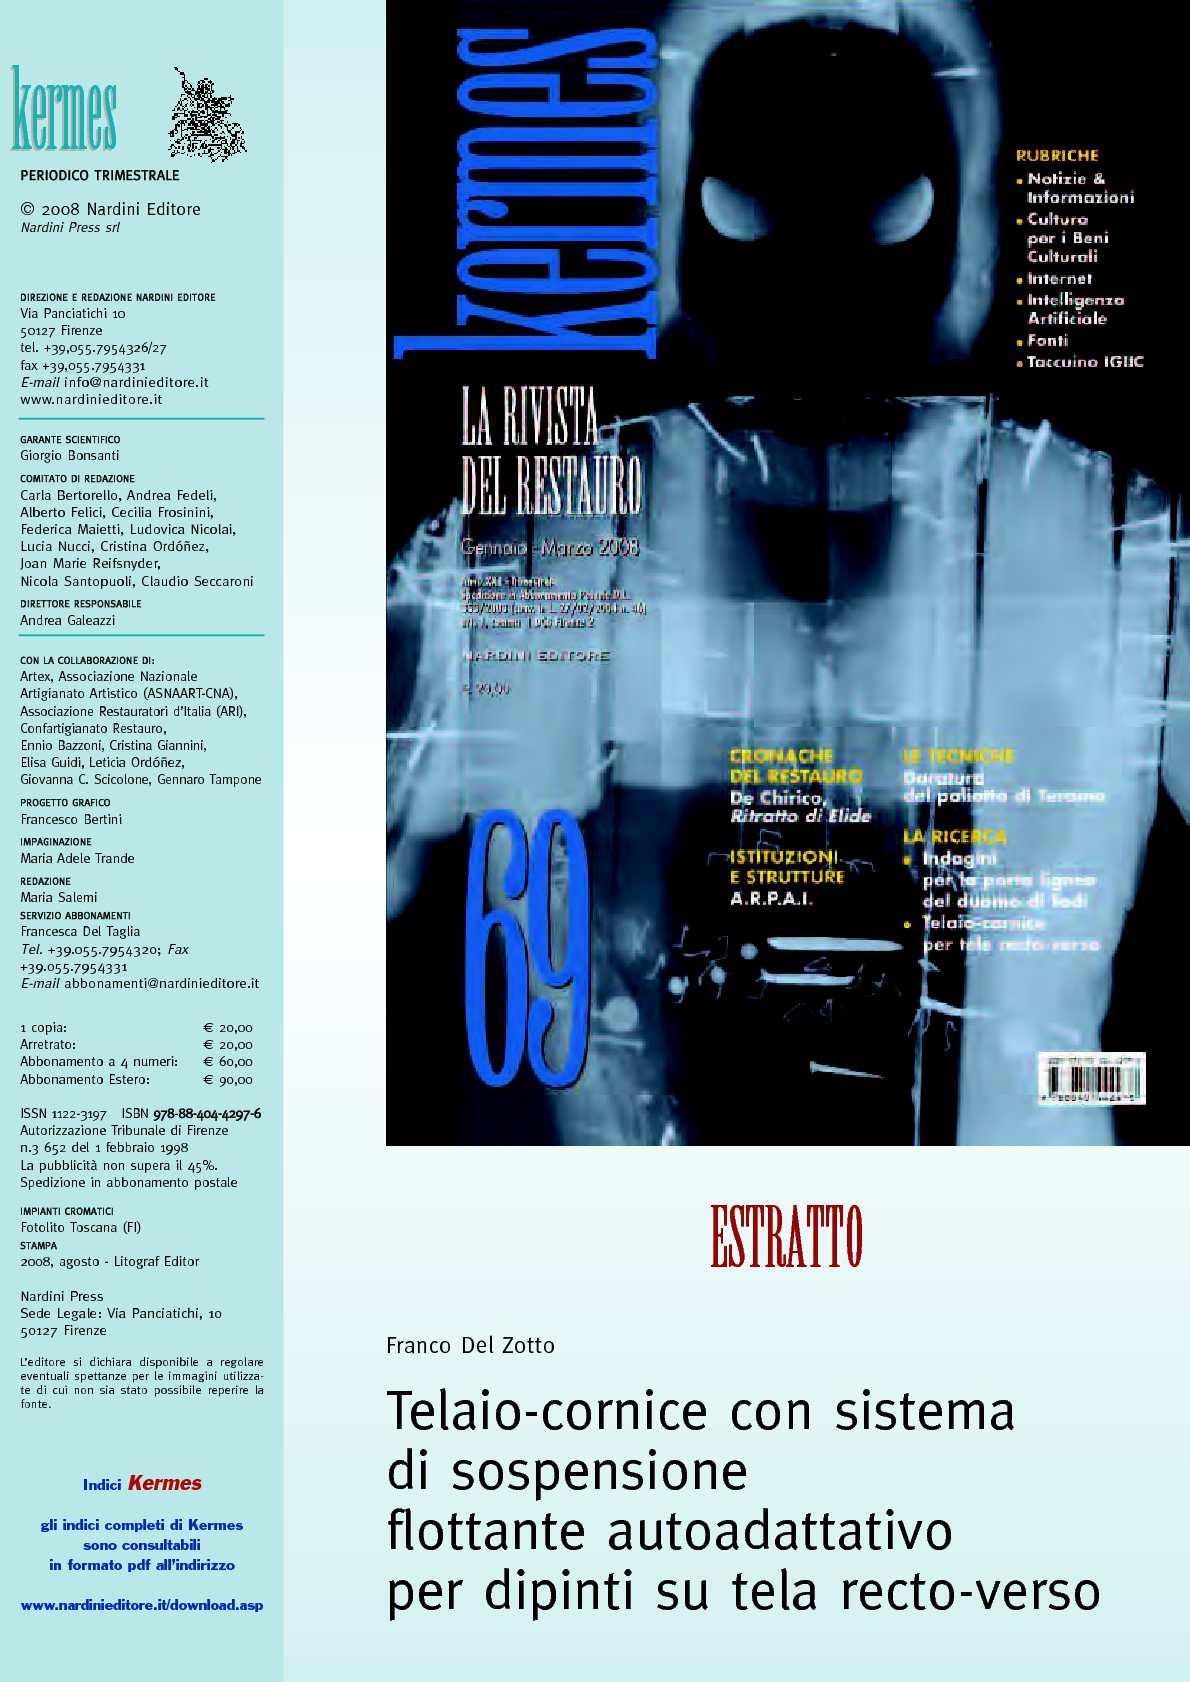 Del Zotto Torino Cornici.Calameo Telaio Cornice Con Sistema Di Sospensione Flottante